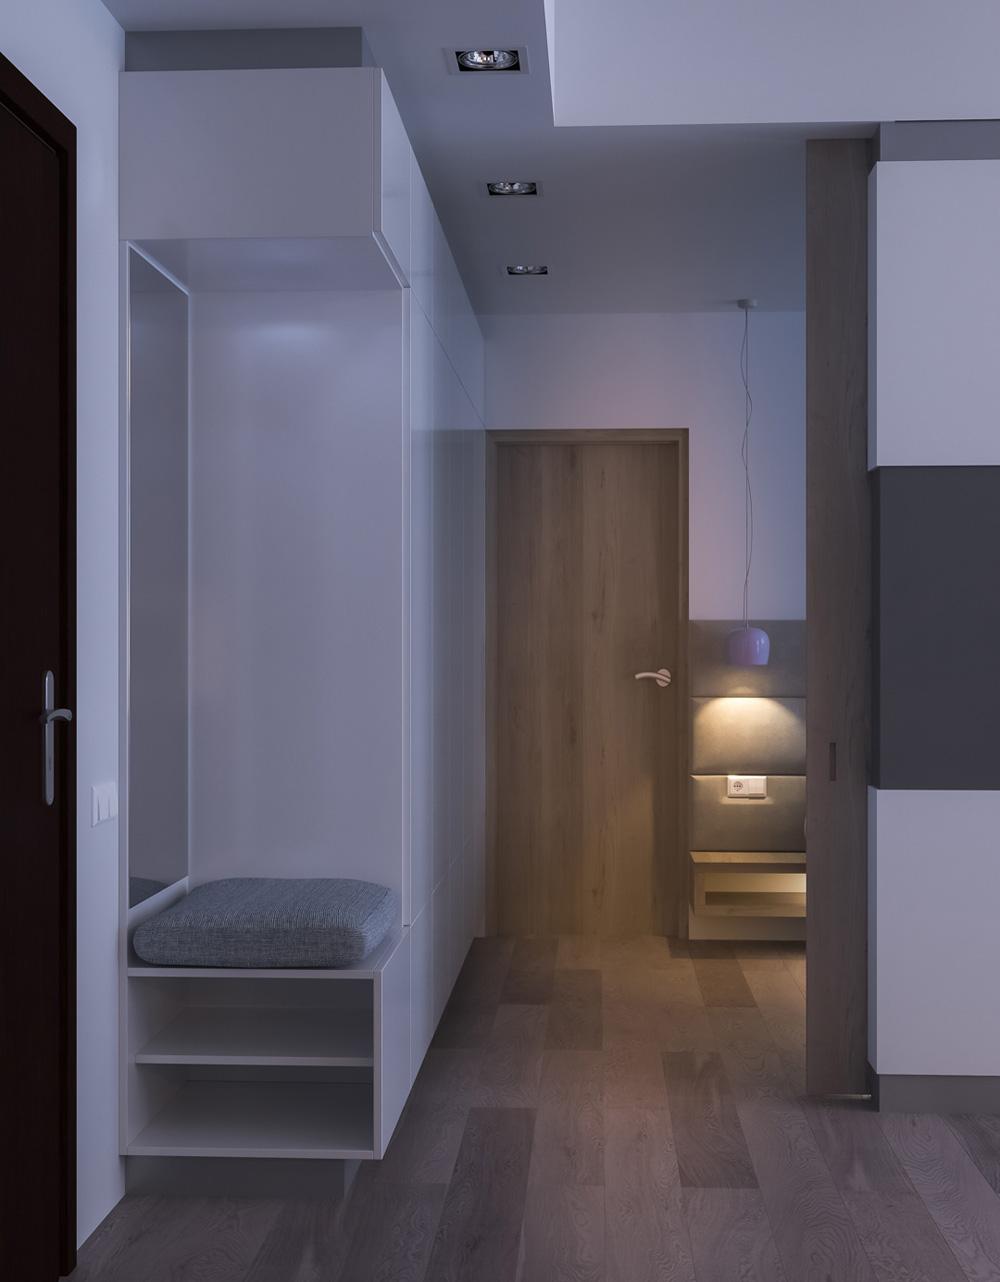 Thiết kế nội thất chung cư mini ảnh 9